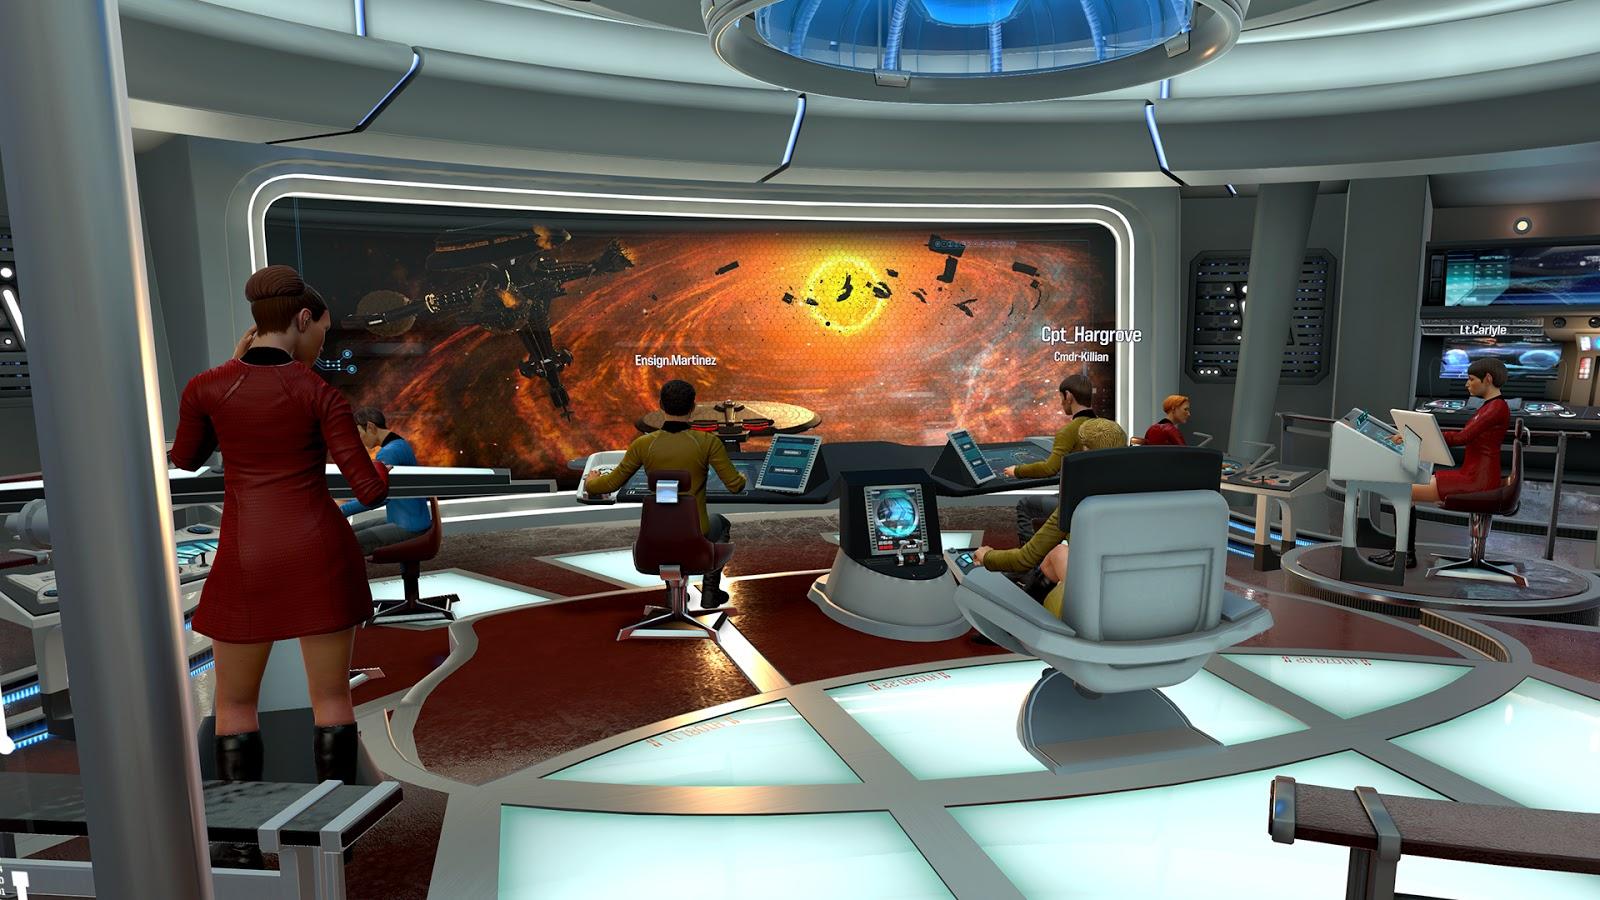 Star Trek Room Design